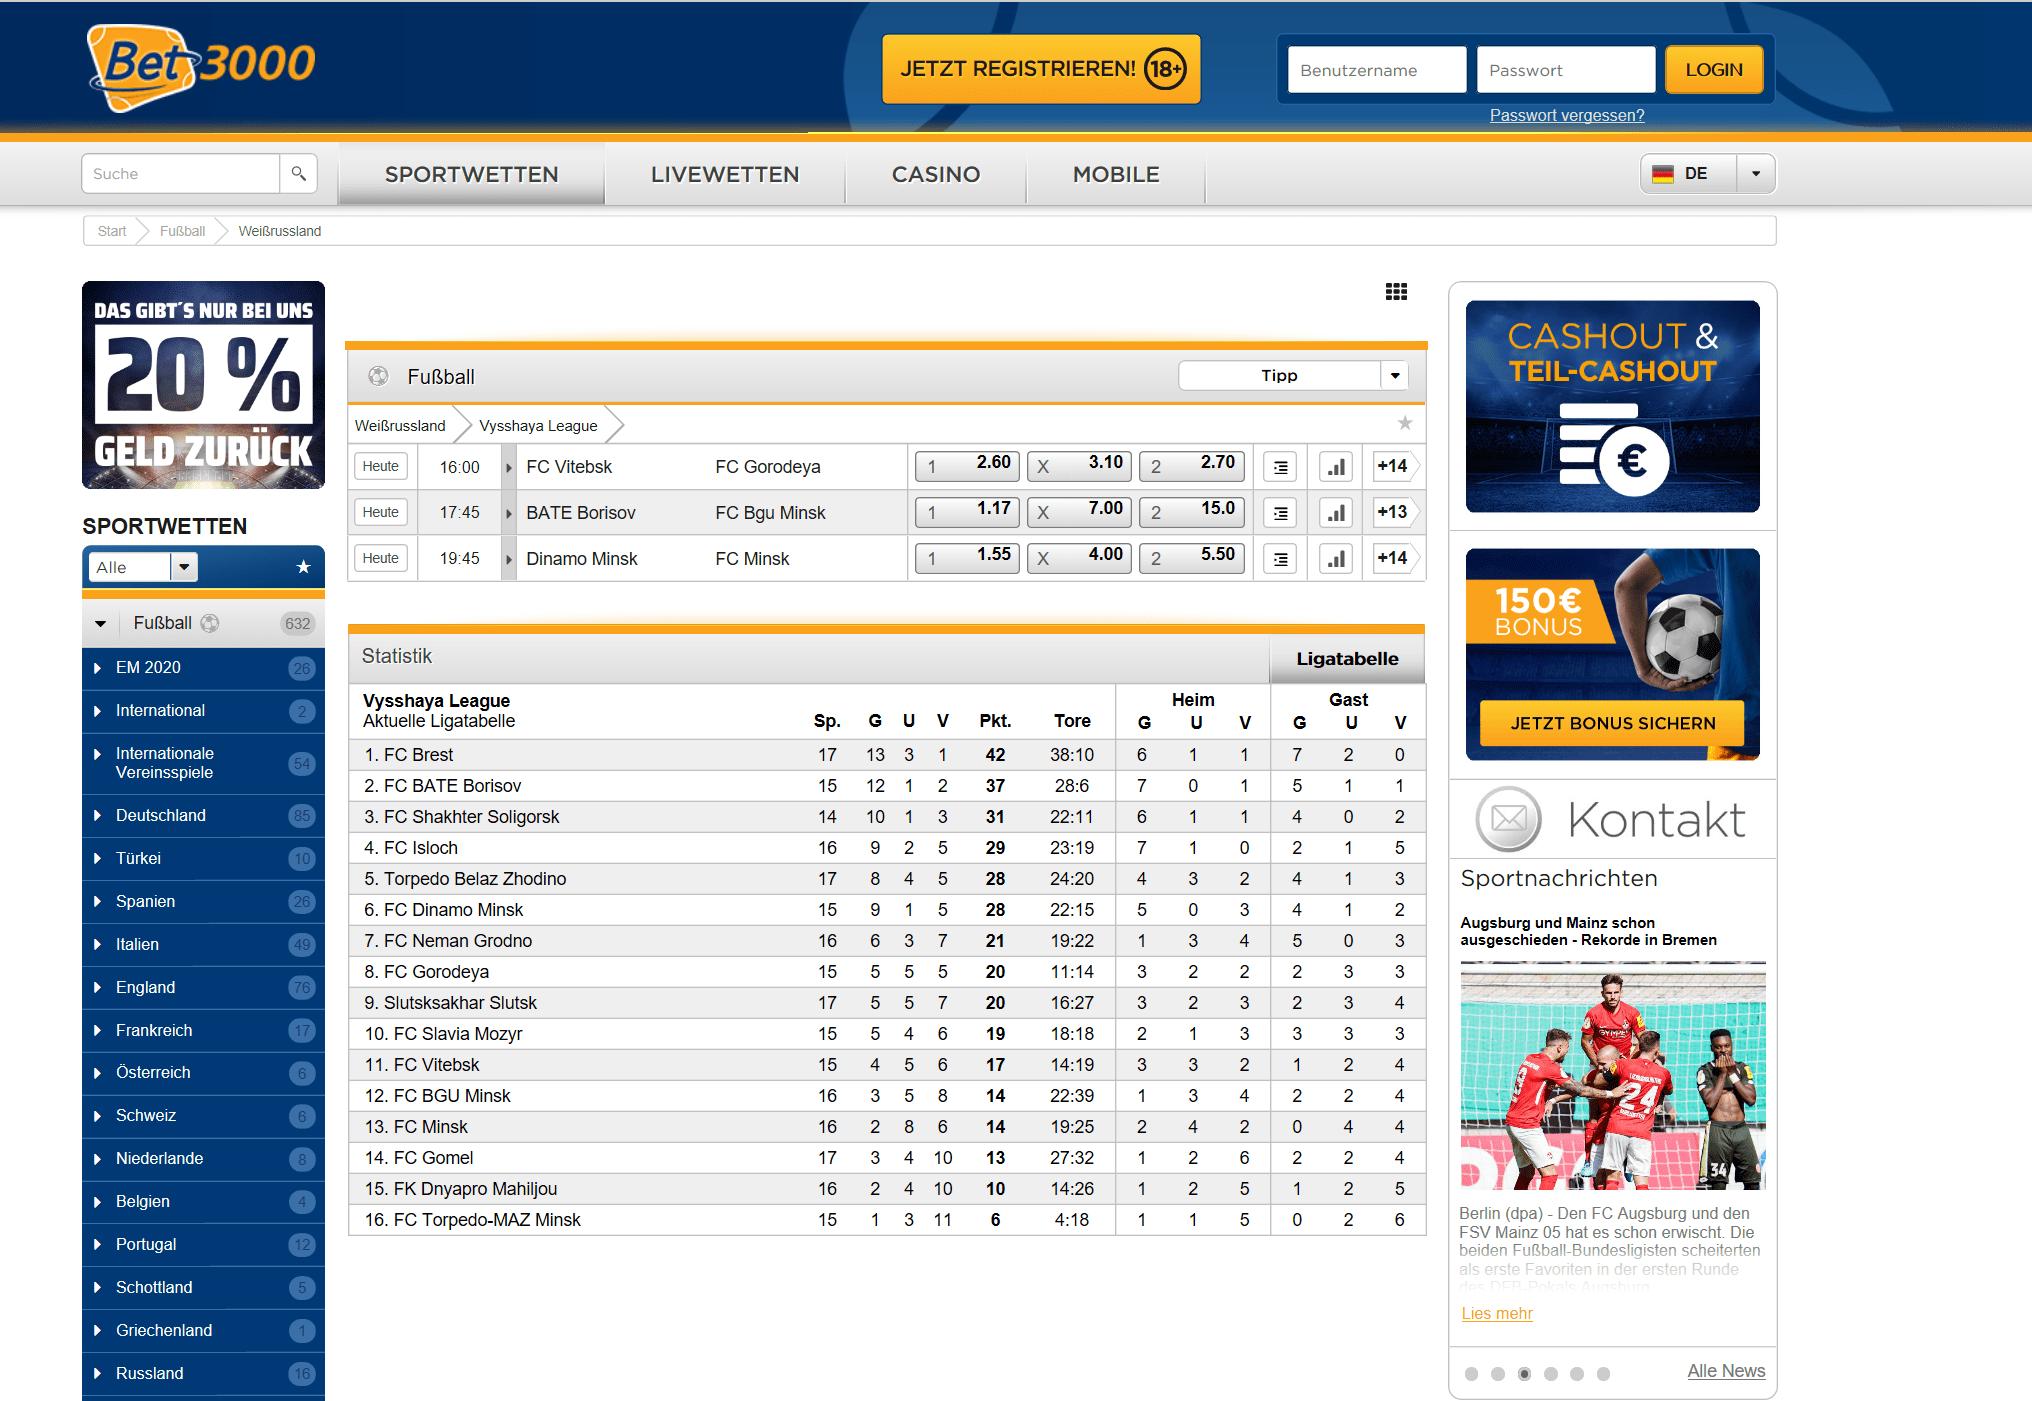 bet3000 Webseite